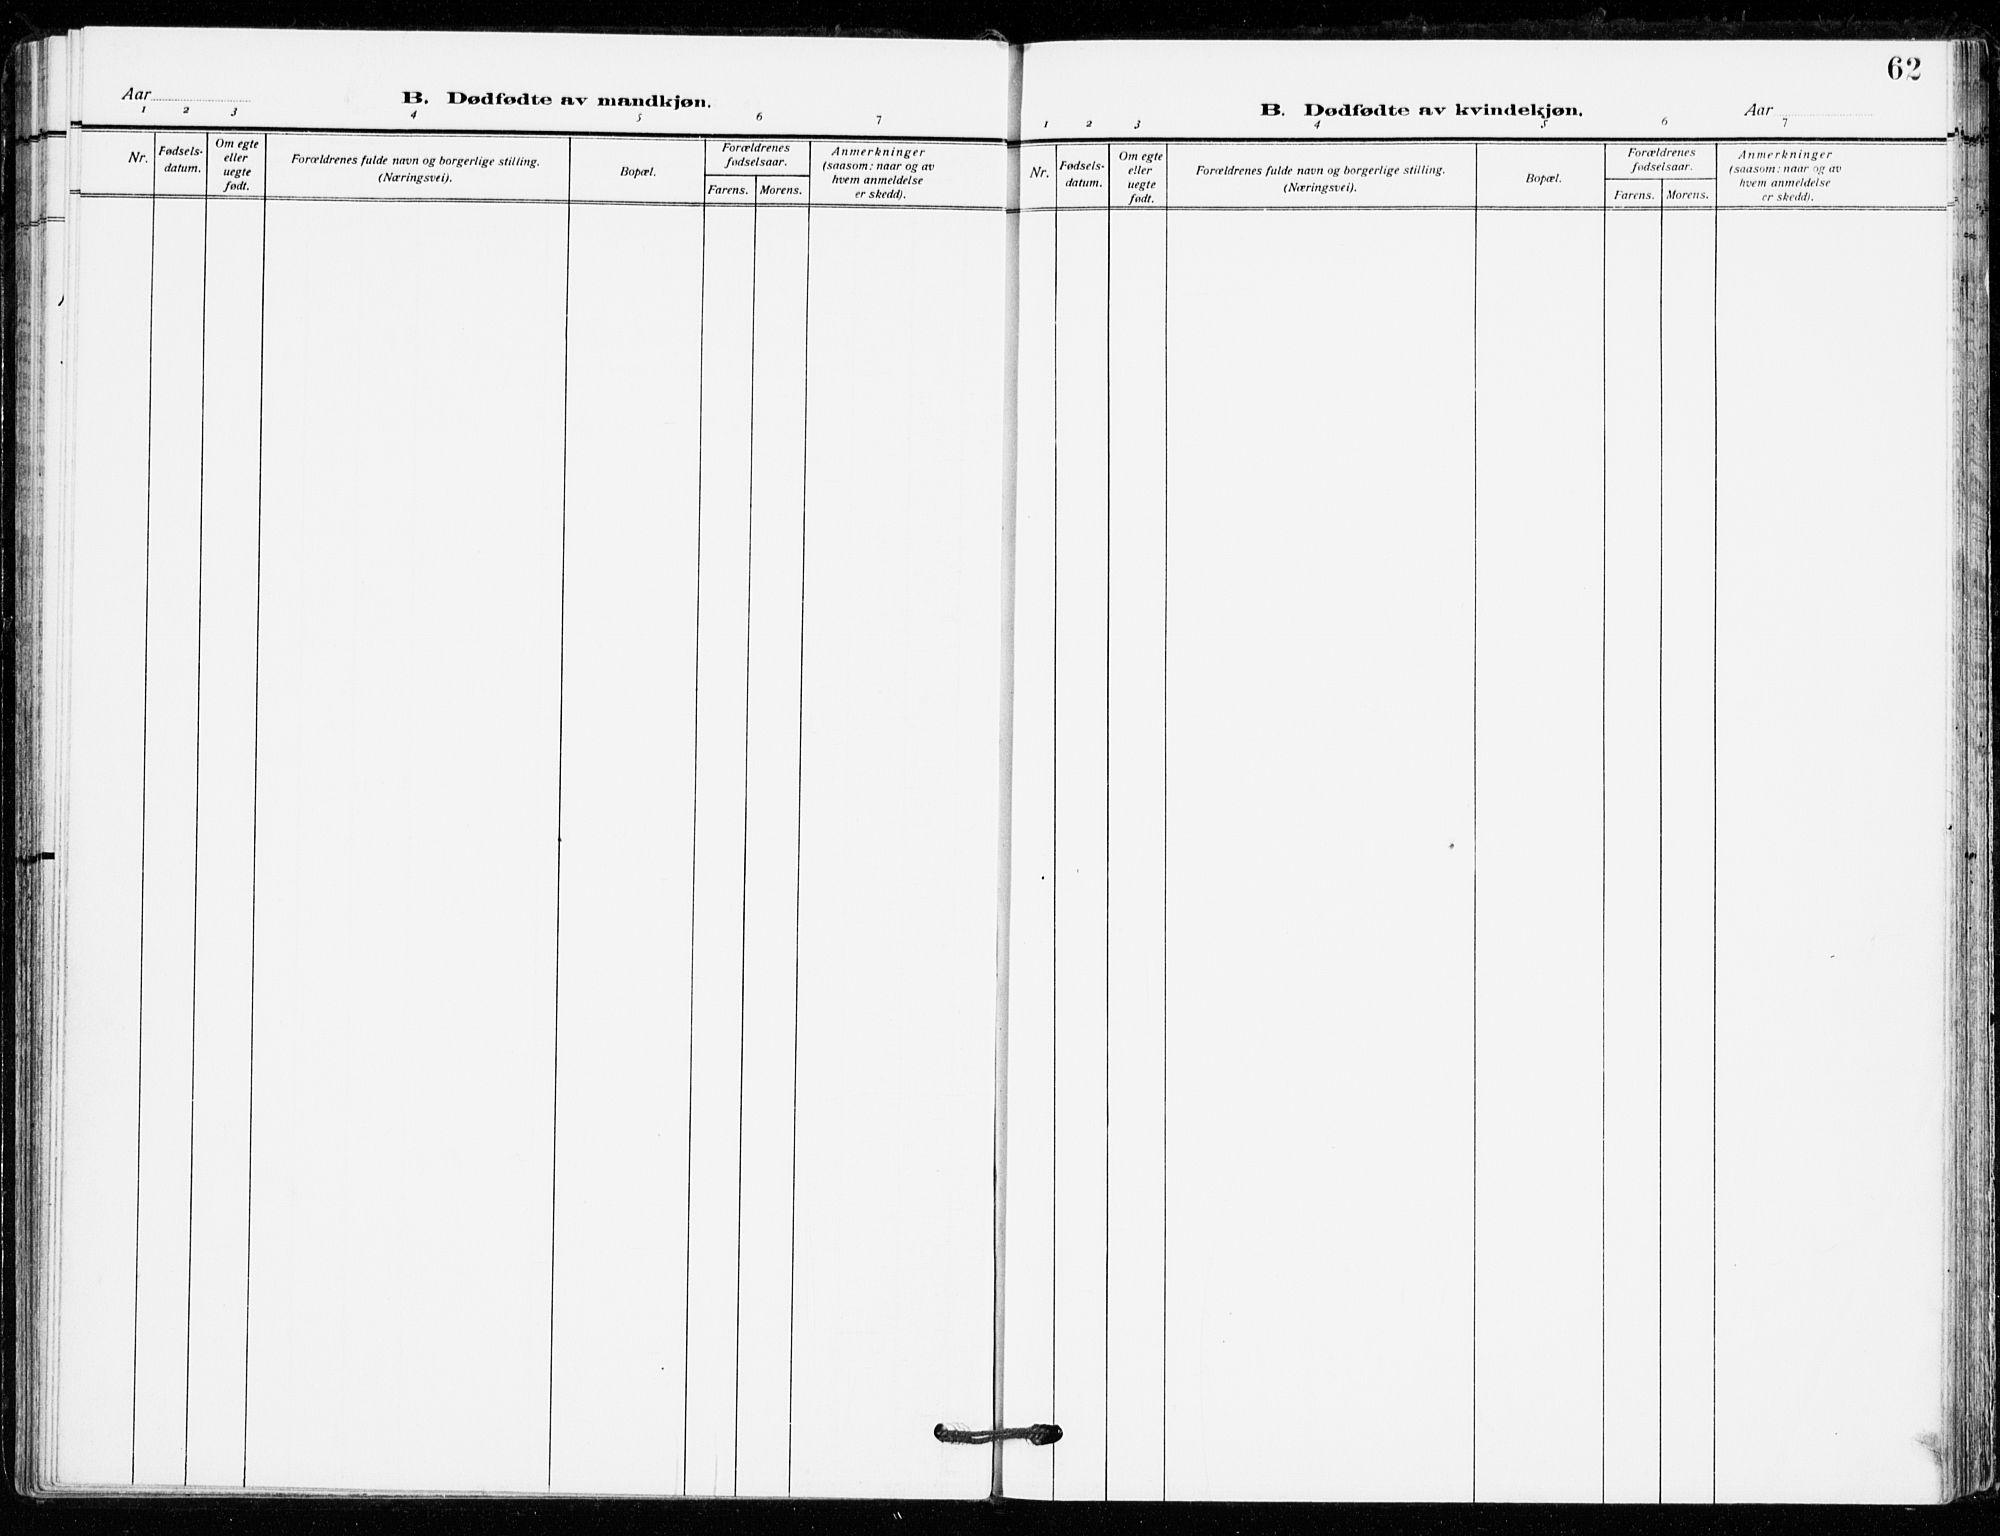 SAKO, Bø kirkebøker, F/Fa/L0013: Ministerialbok nr. 13, 1909-1921, s. 62